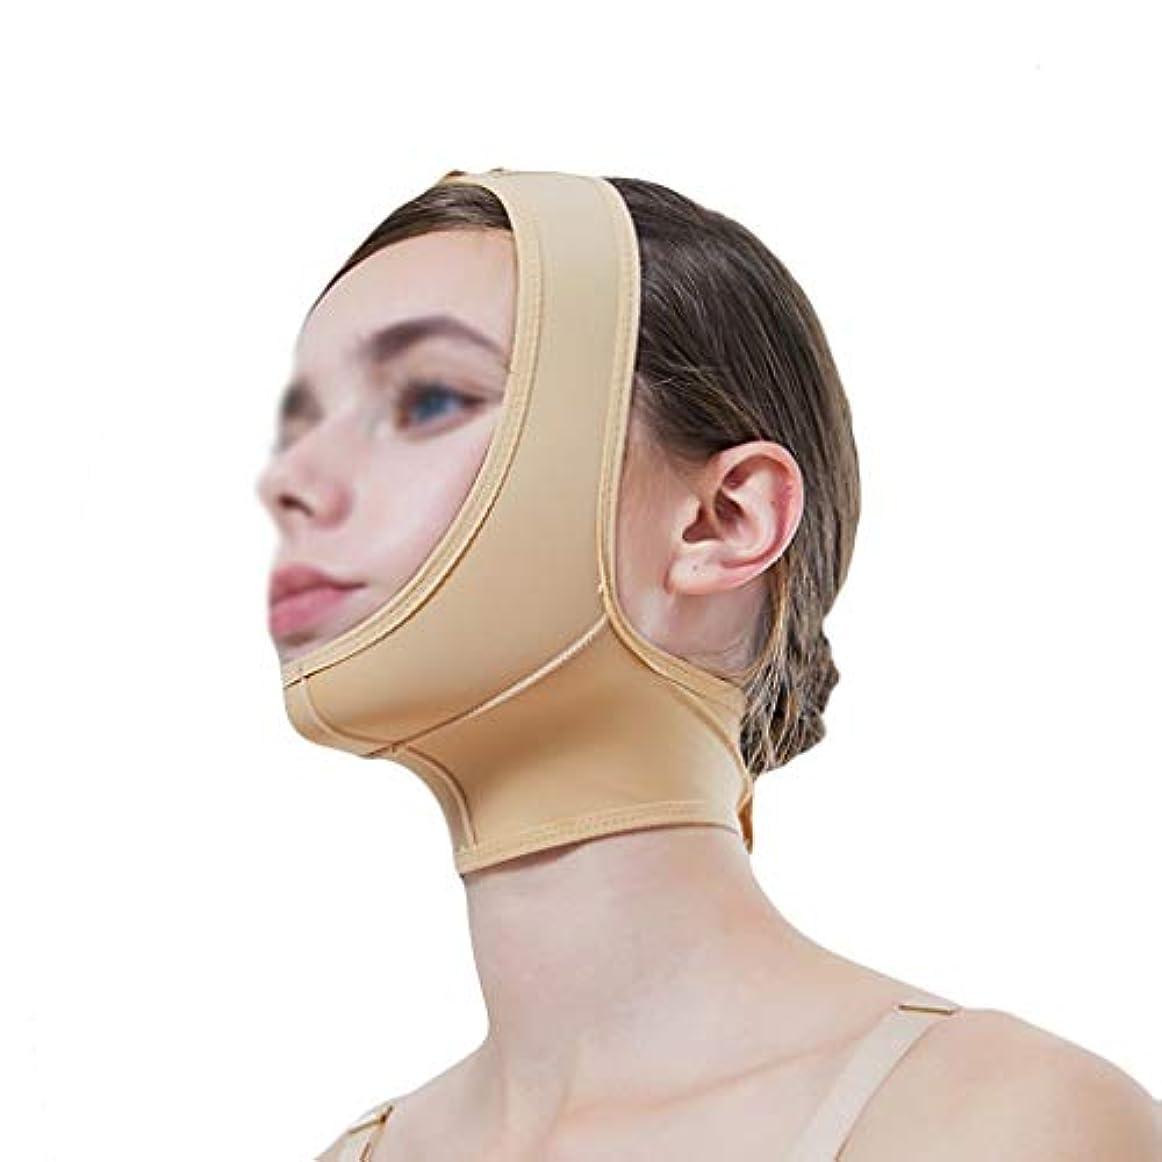 膿瘍緩める干し草マスク、超薄型ベルト、フェイスリフティングに適しています、フェイスリフティング、通気性包帯、チンリフティングベルト、超薄型ベルト、通気性 (Size : XS)